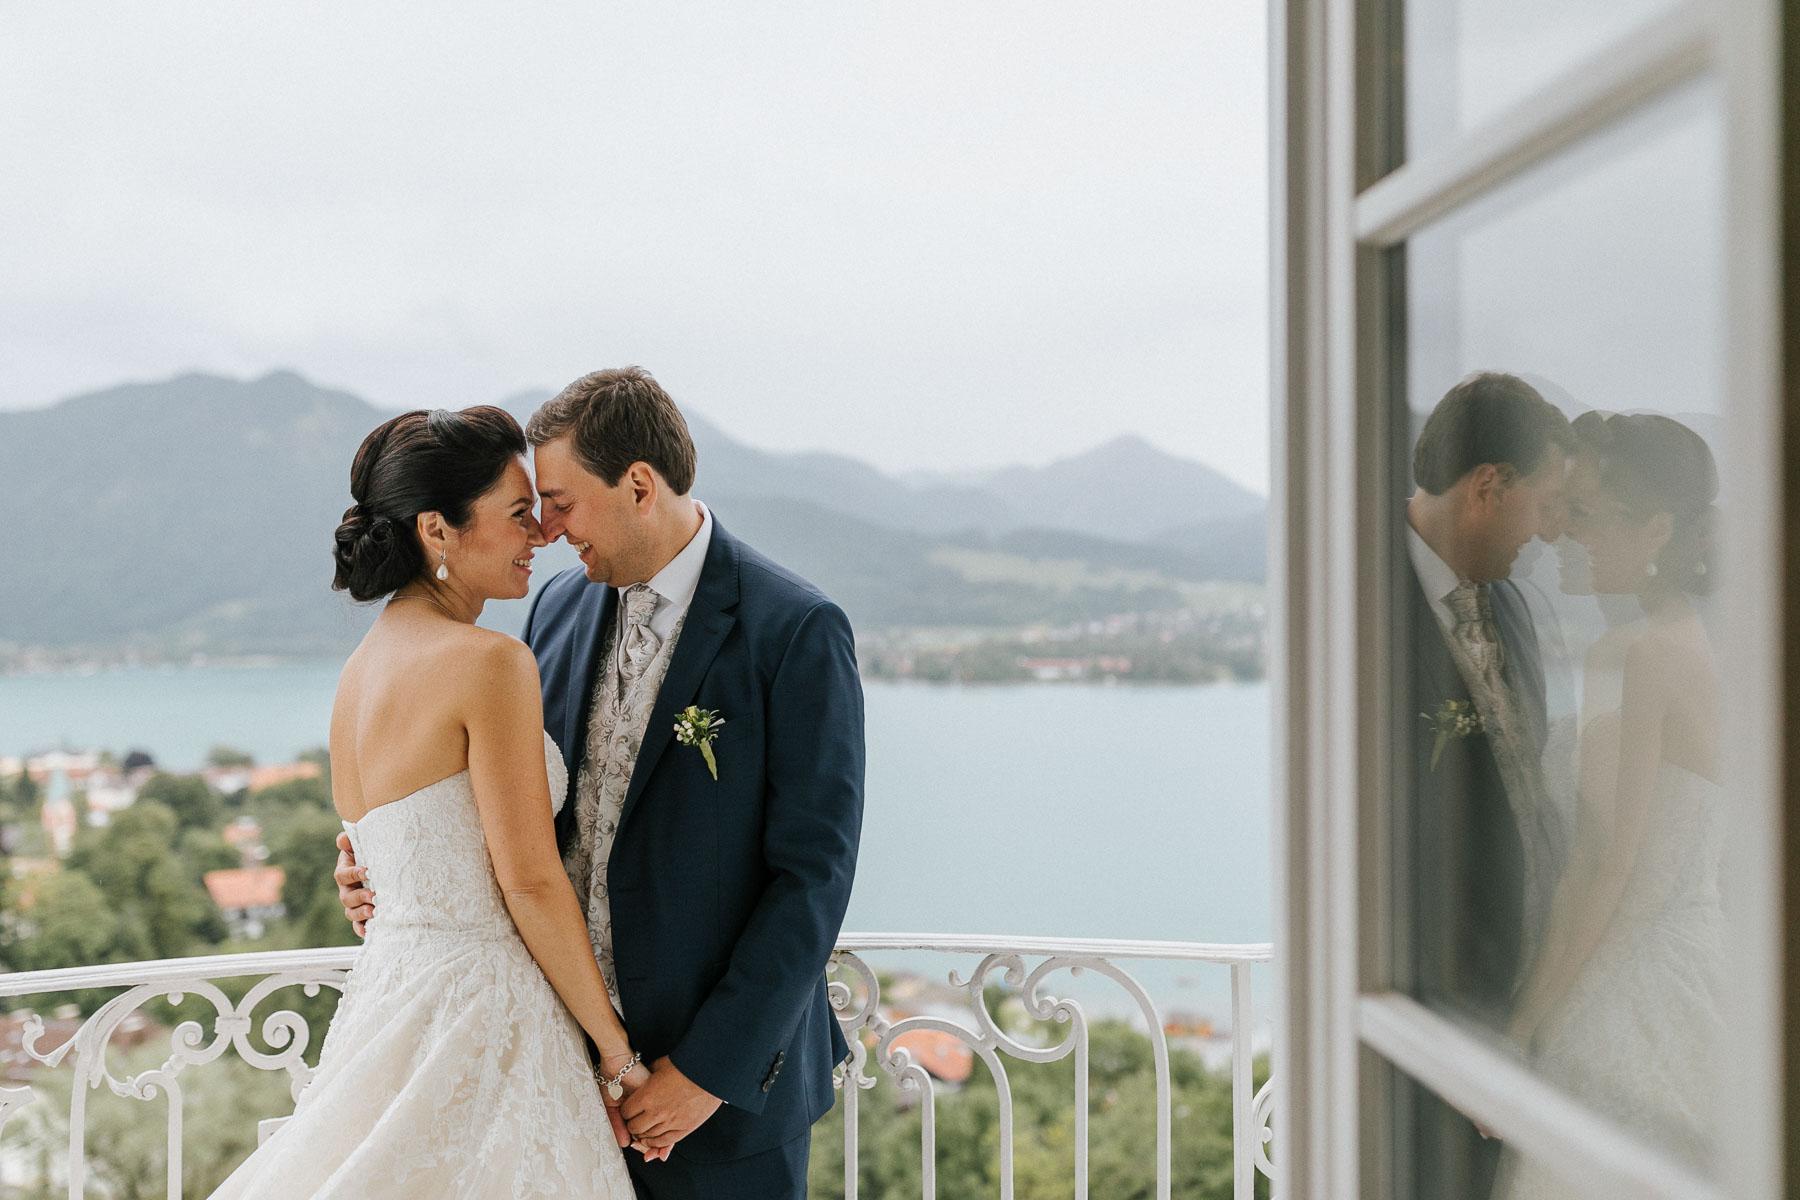 Hochzeit am Tegernsee und ich als Hochzeitsfotograf war im Hotel Das Tegernsee vor Ort